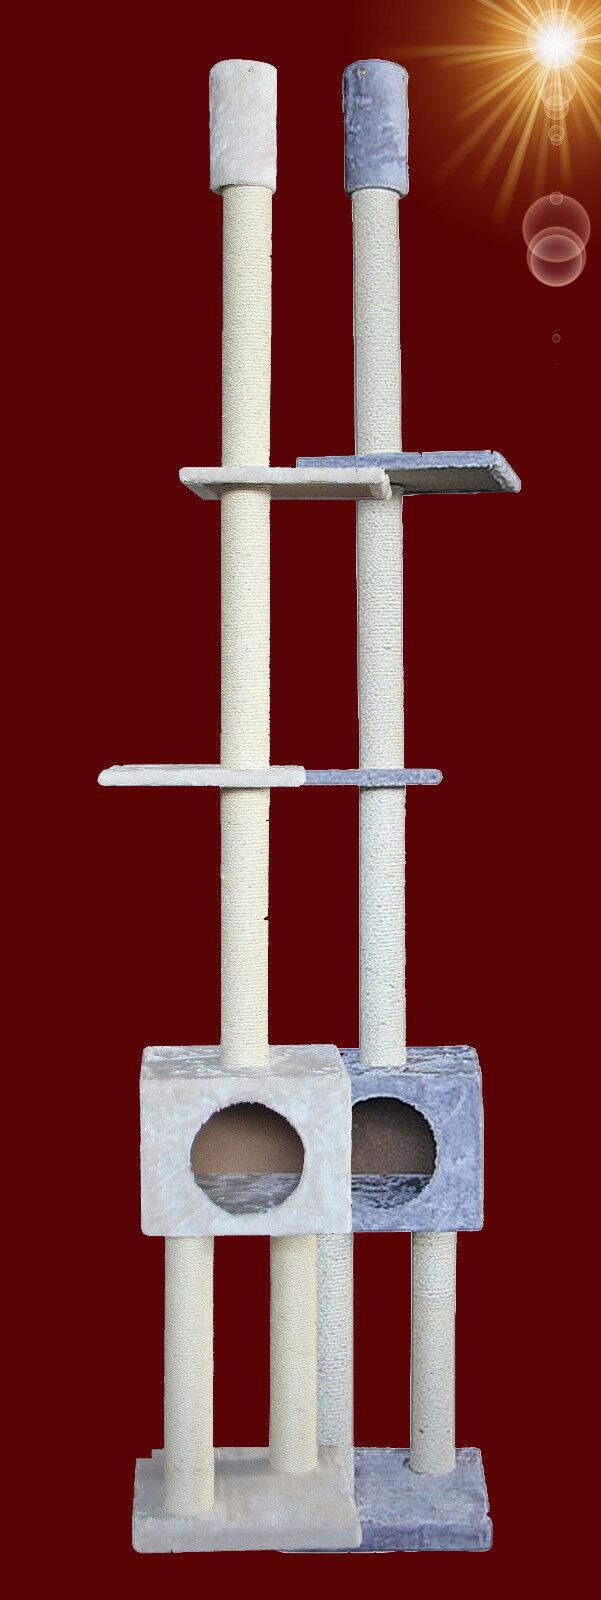 NOBBY Qualität  ️ KATZEN KRATZBAUM 239-259 cm cm cm  ️ Höhle Kletterbaum Möbel (729) c0a3ae